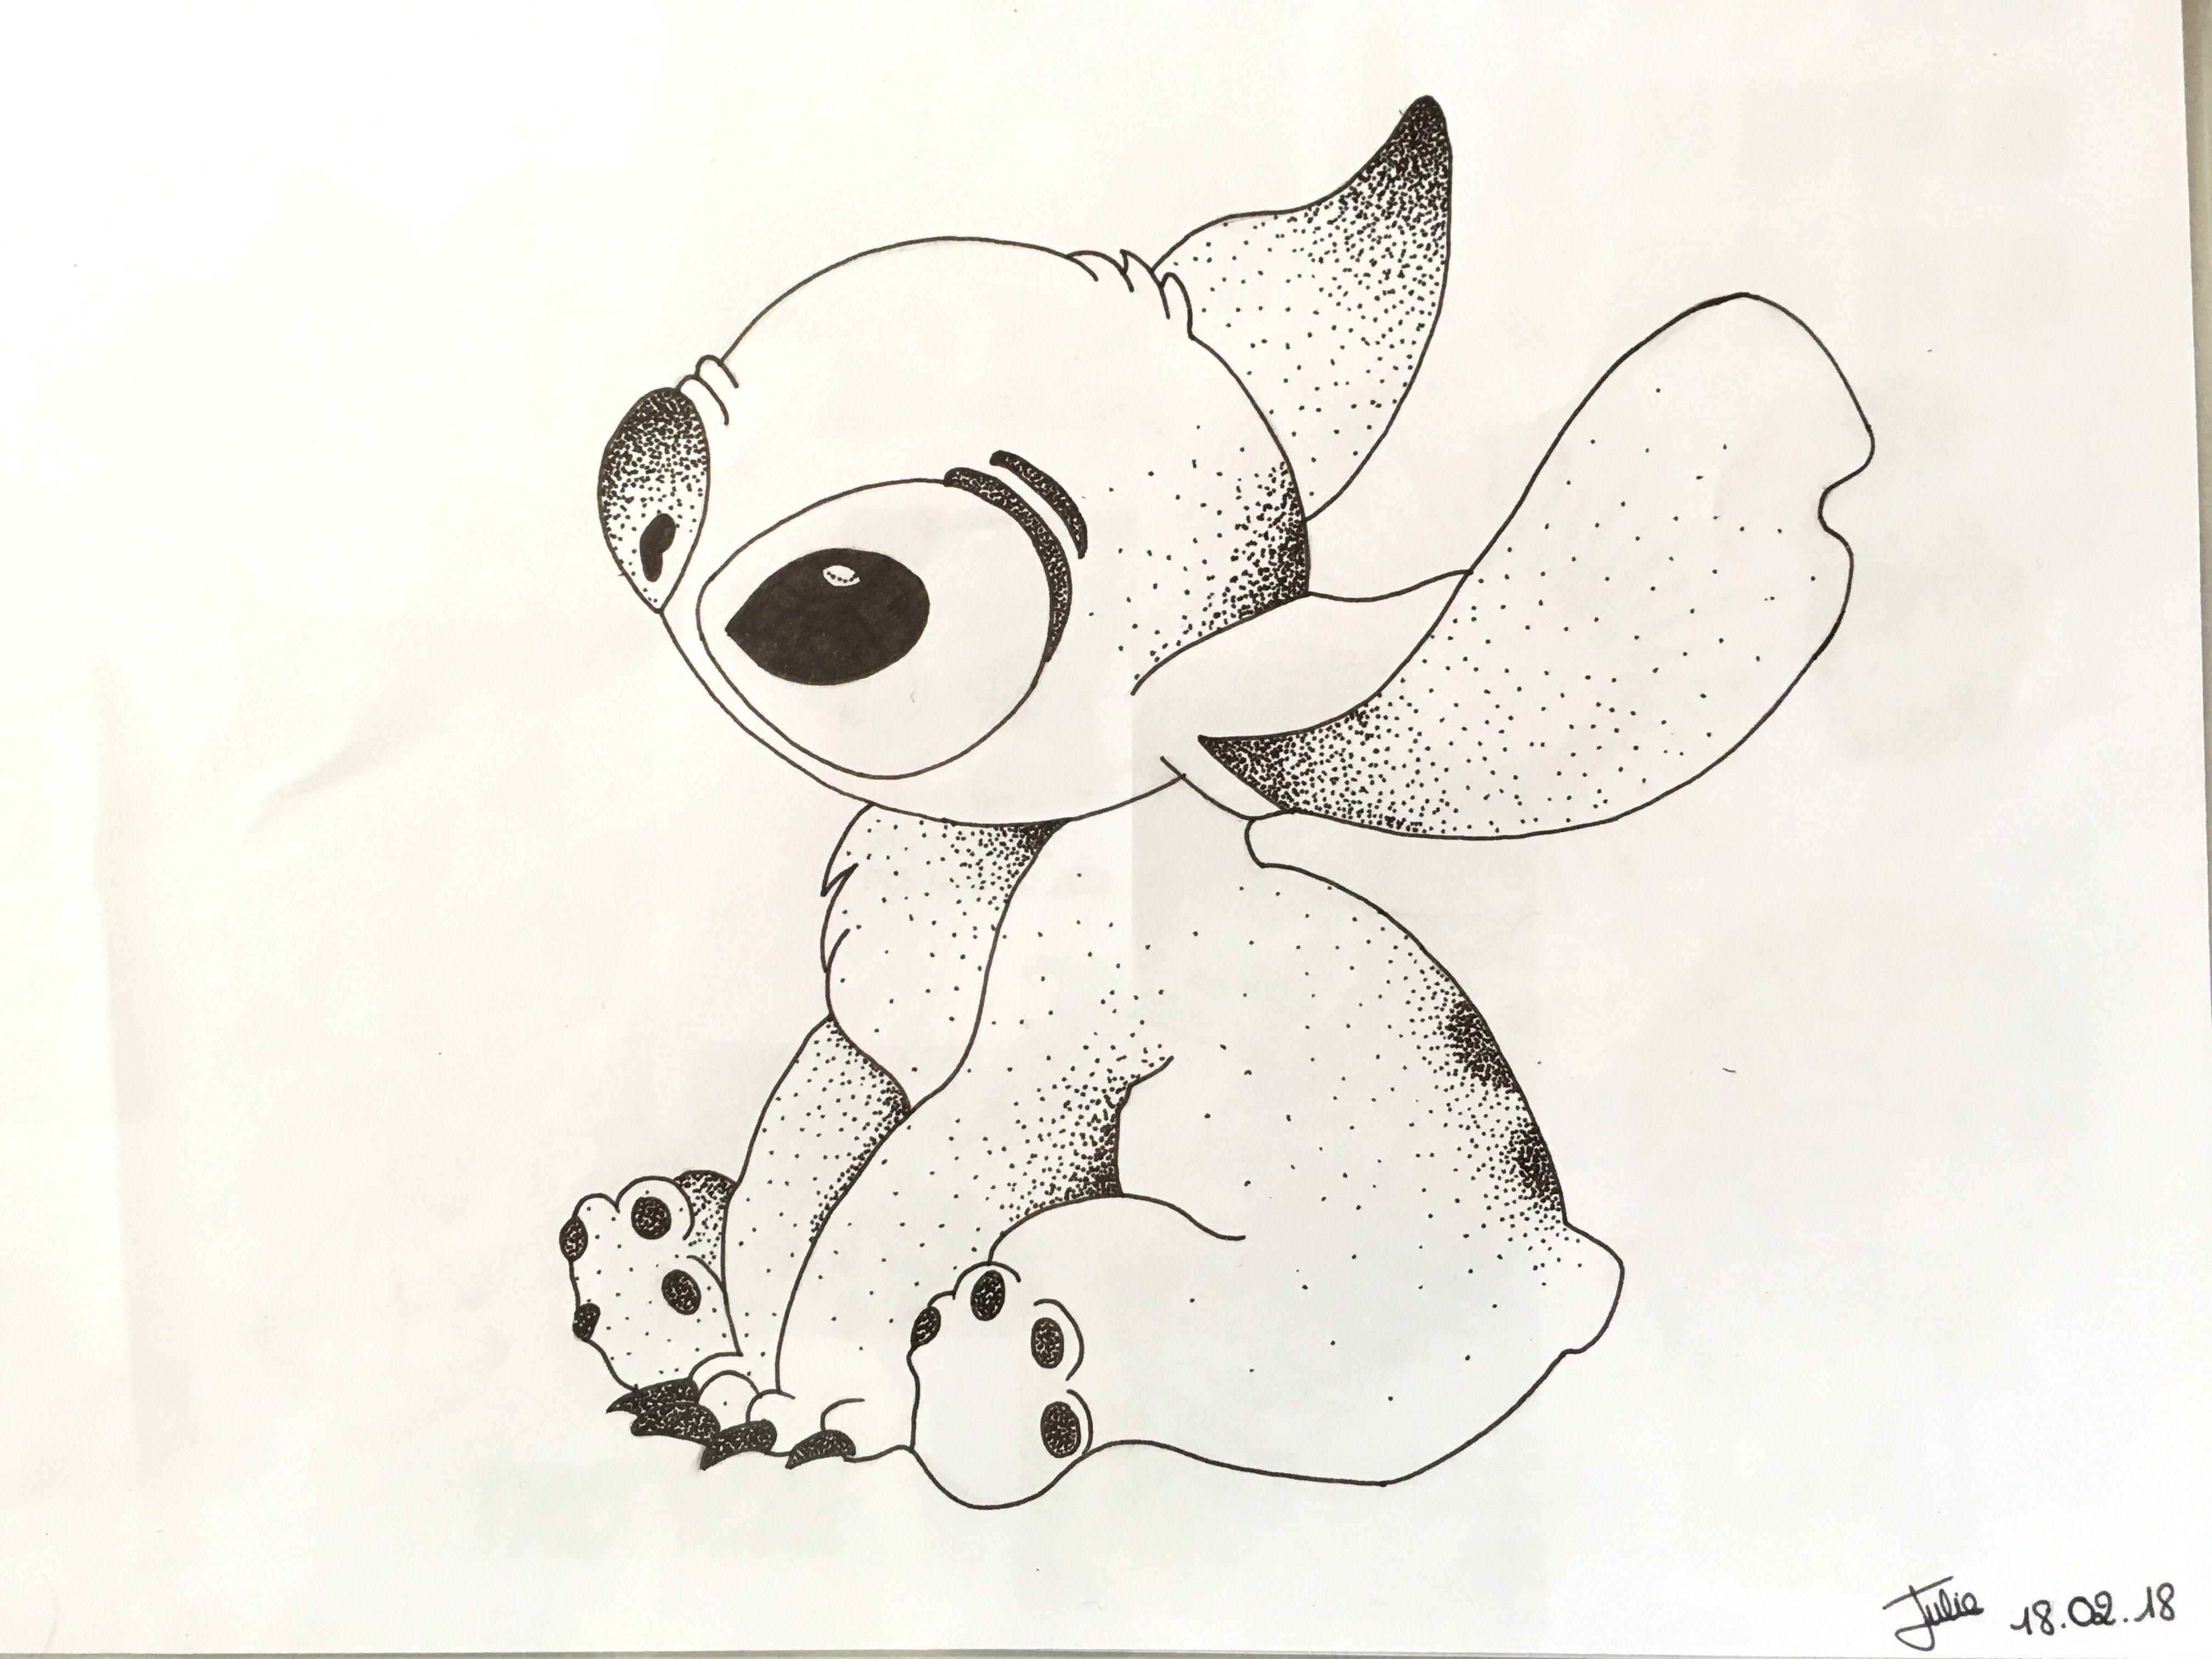 Personnage disney stitch pointillisme mes dessins en 2019 art et sketches - Personnage disney dessin ...